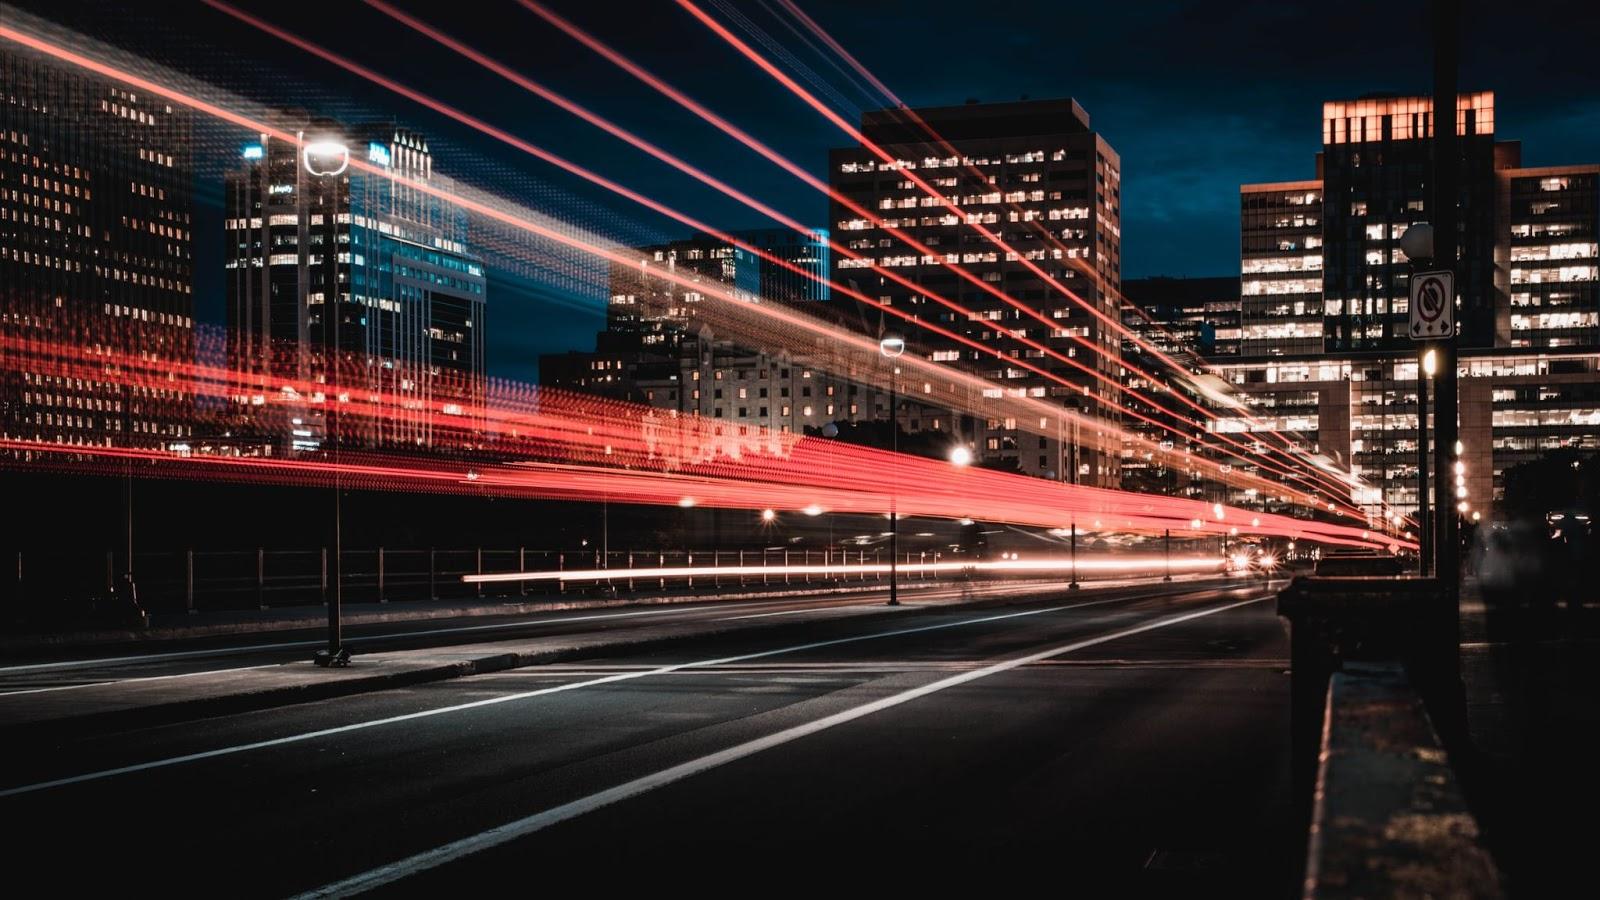 imagine de ansamblu cu lumini oras si viteza in logistca